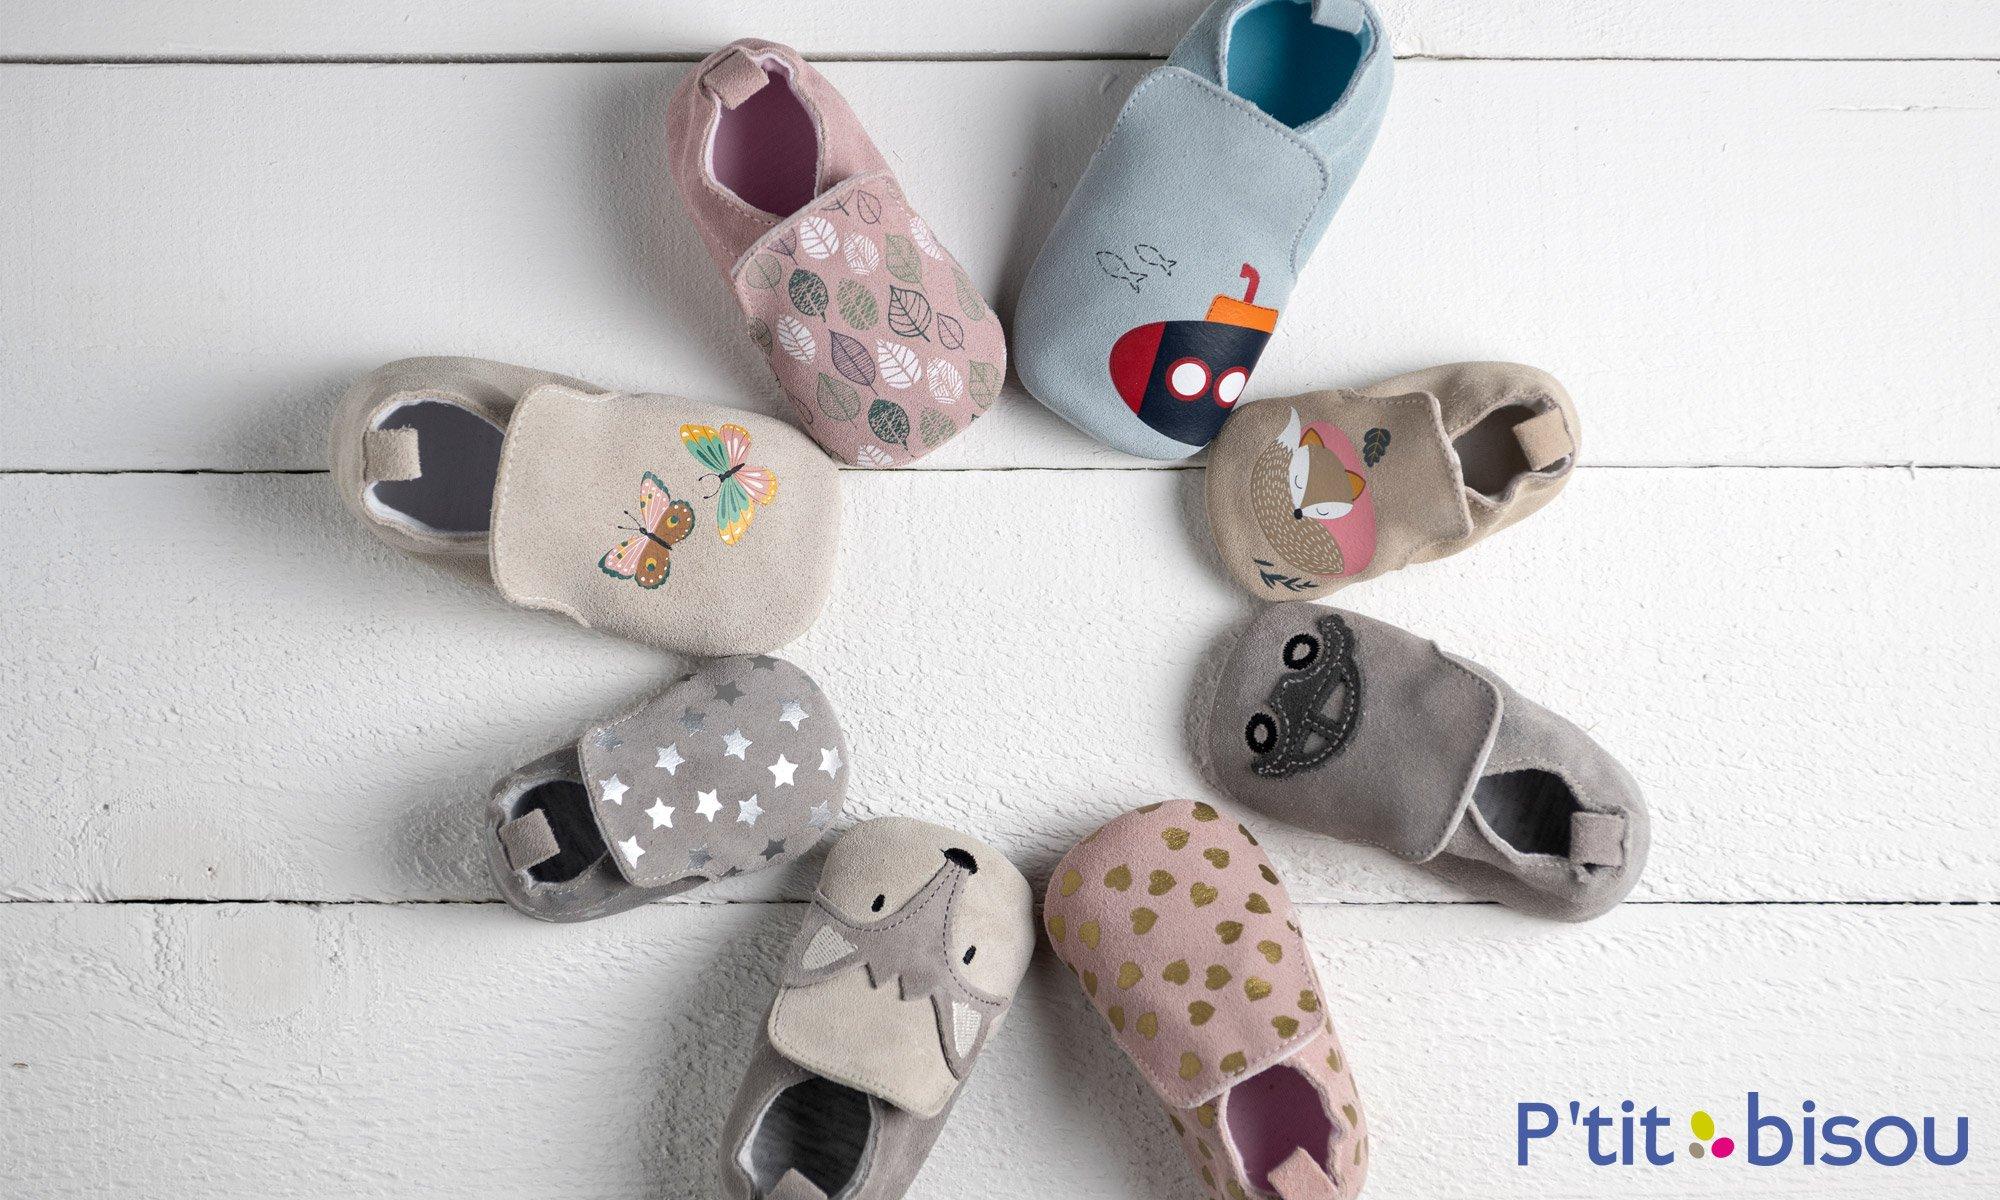 Collection chaussons en cuir bébé de P'tit bisou